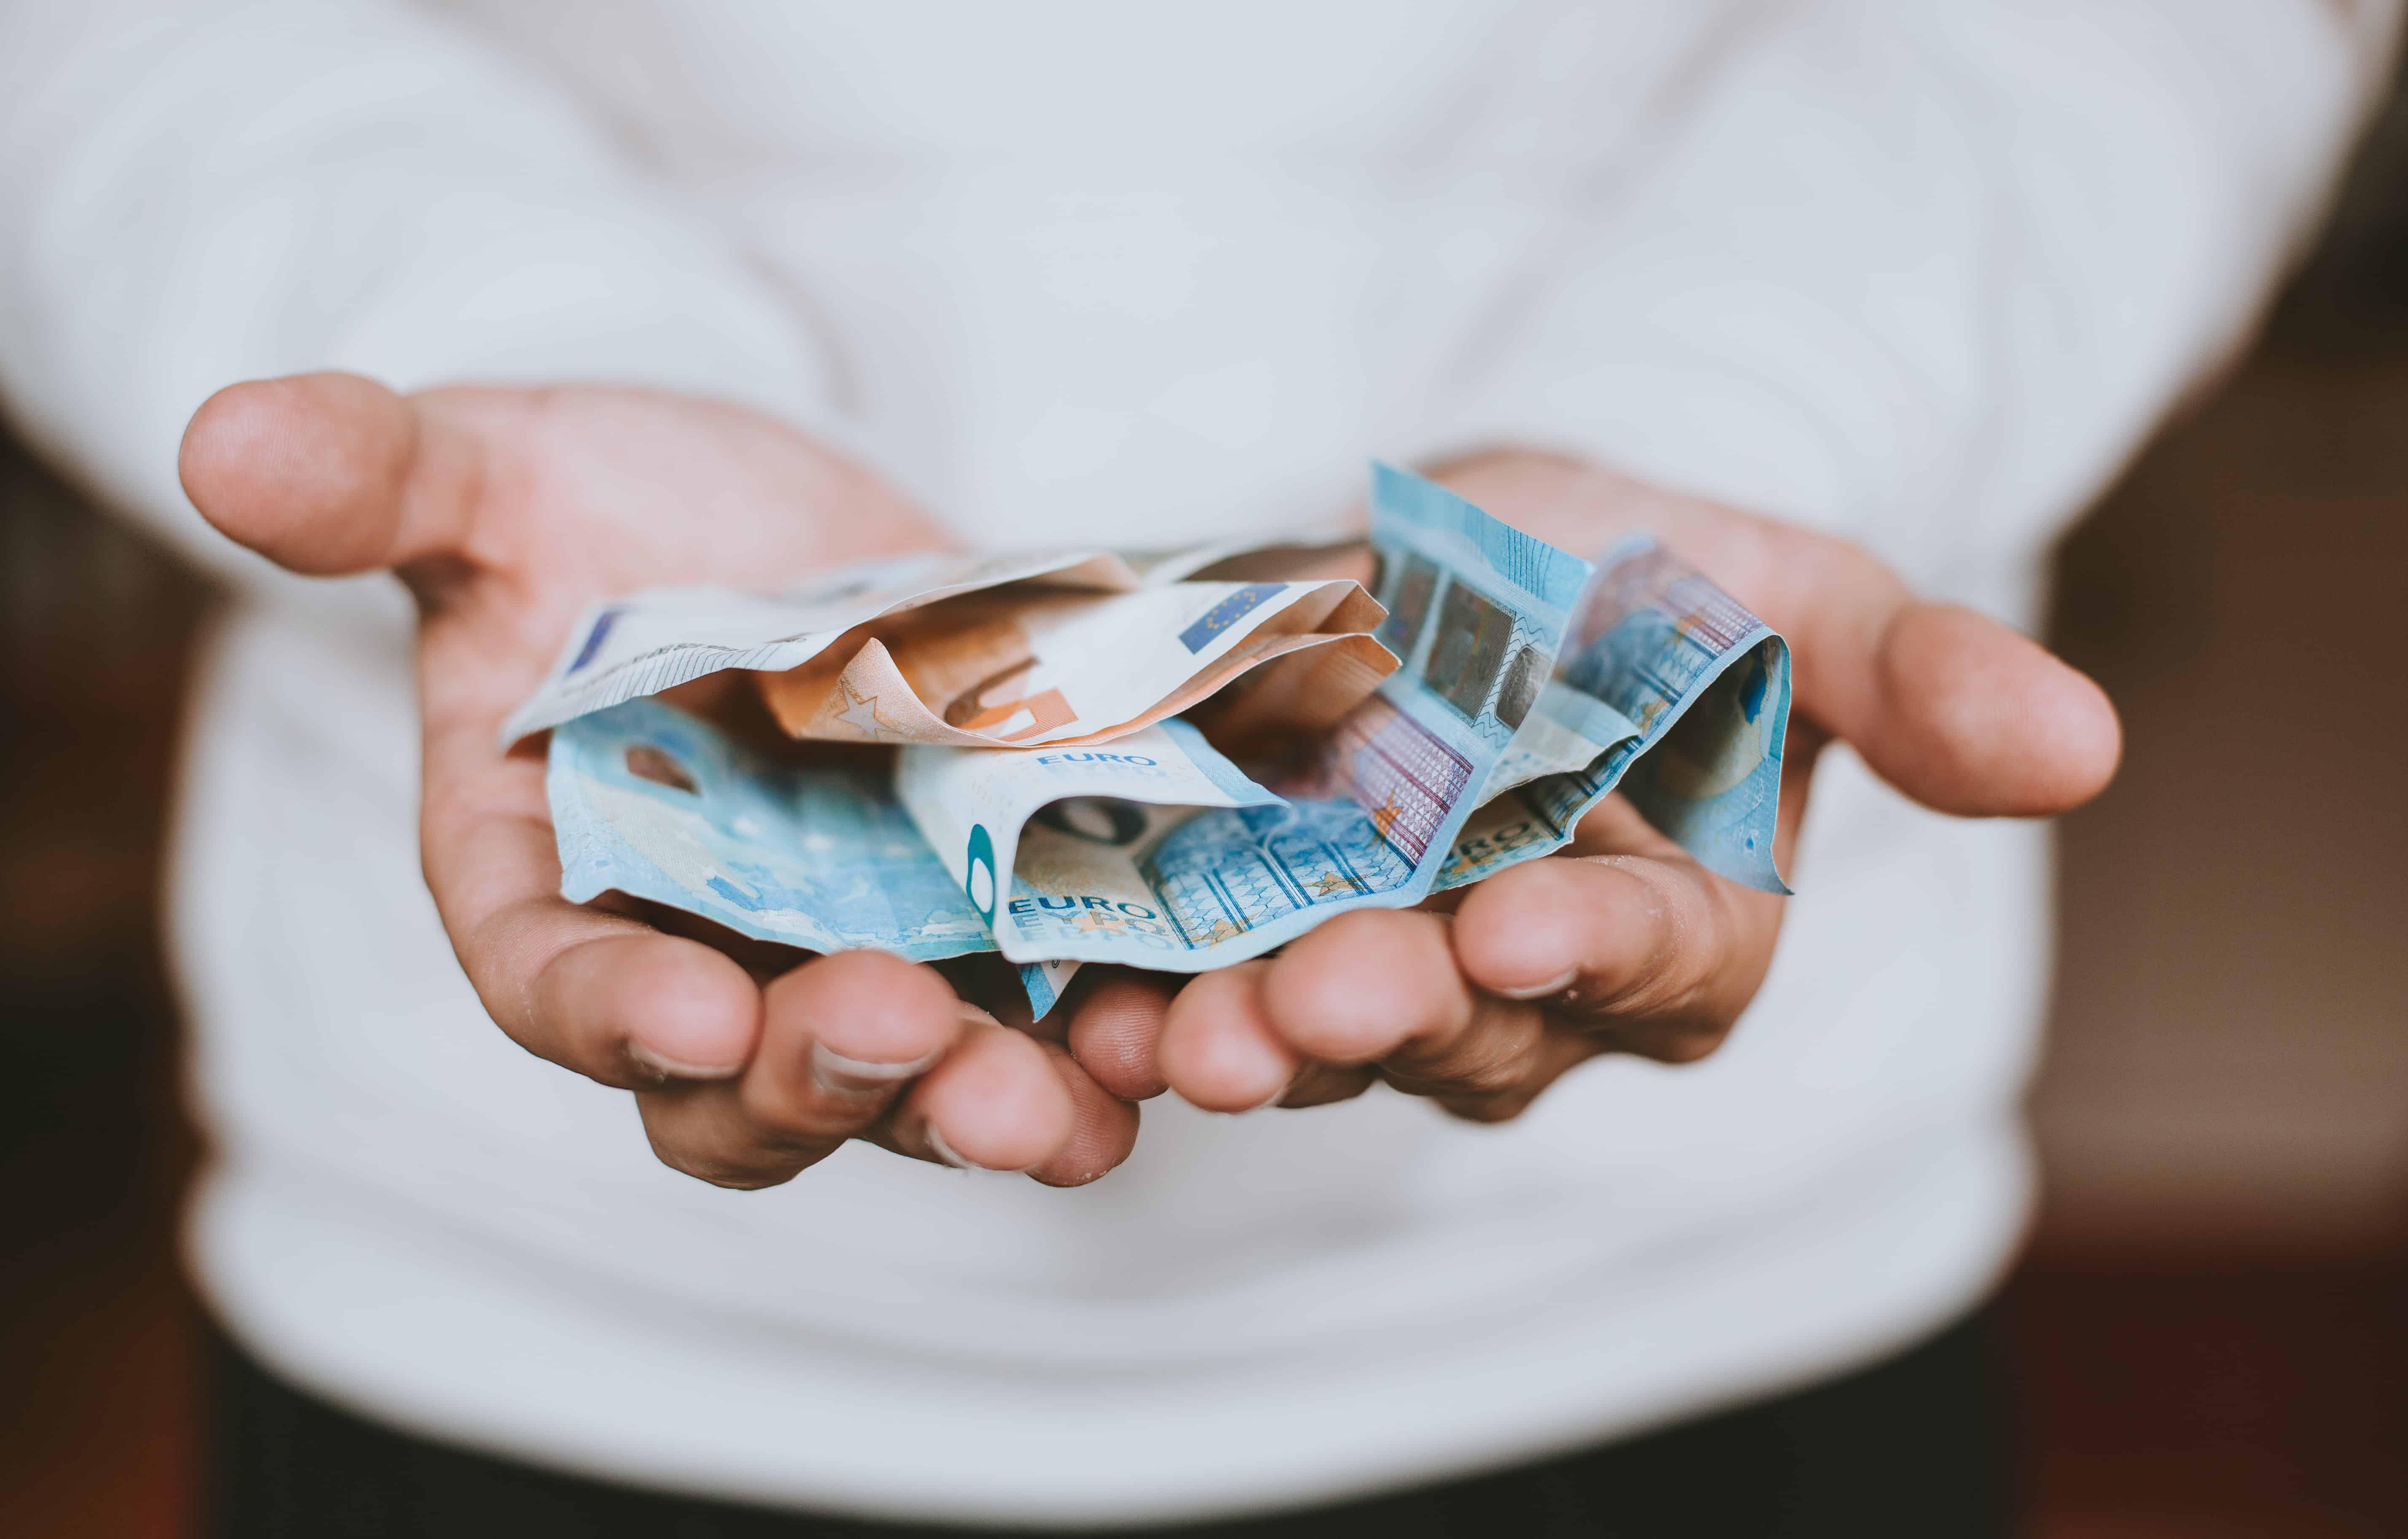 tranzacționare profitabilă în 13 lecții cum să faci un site web să câștigi bani